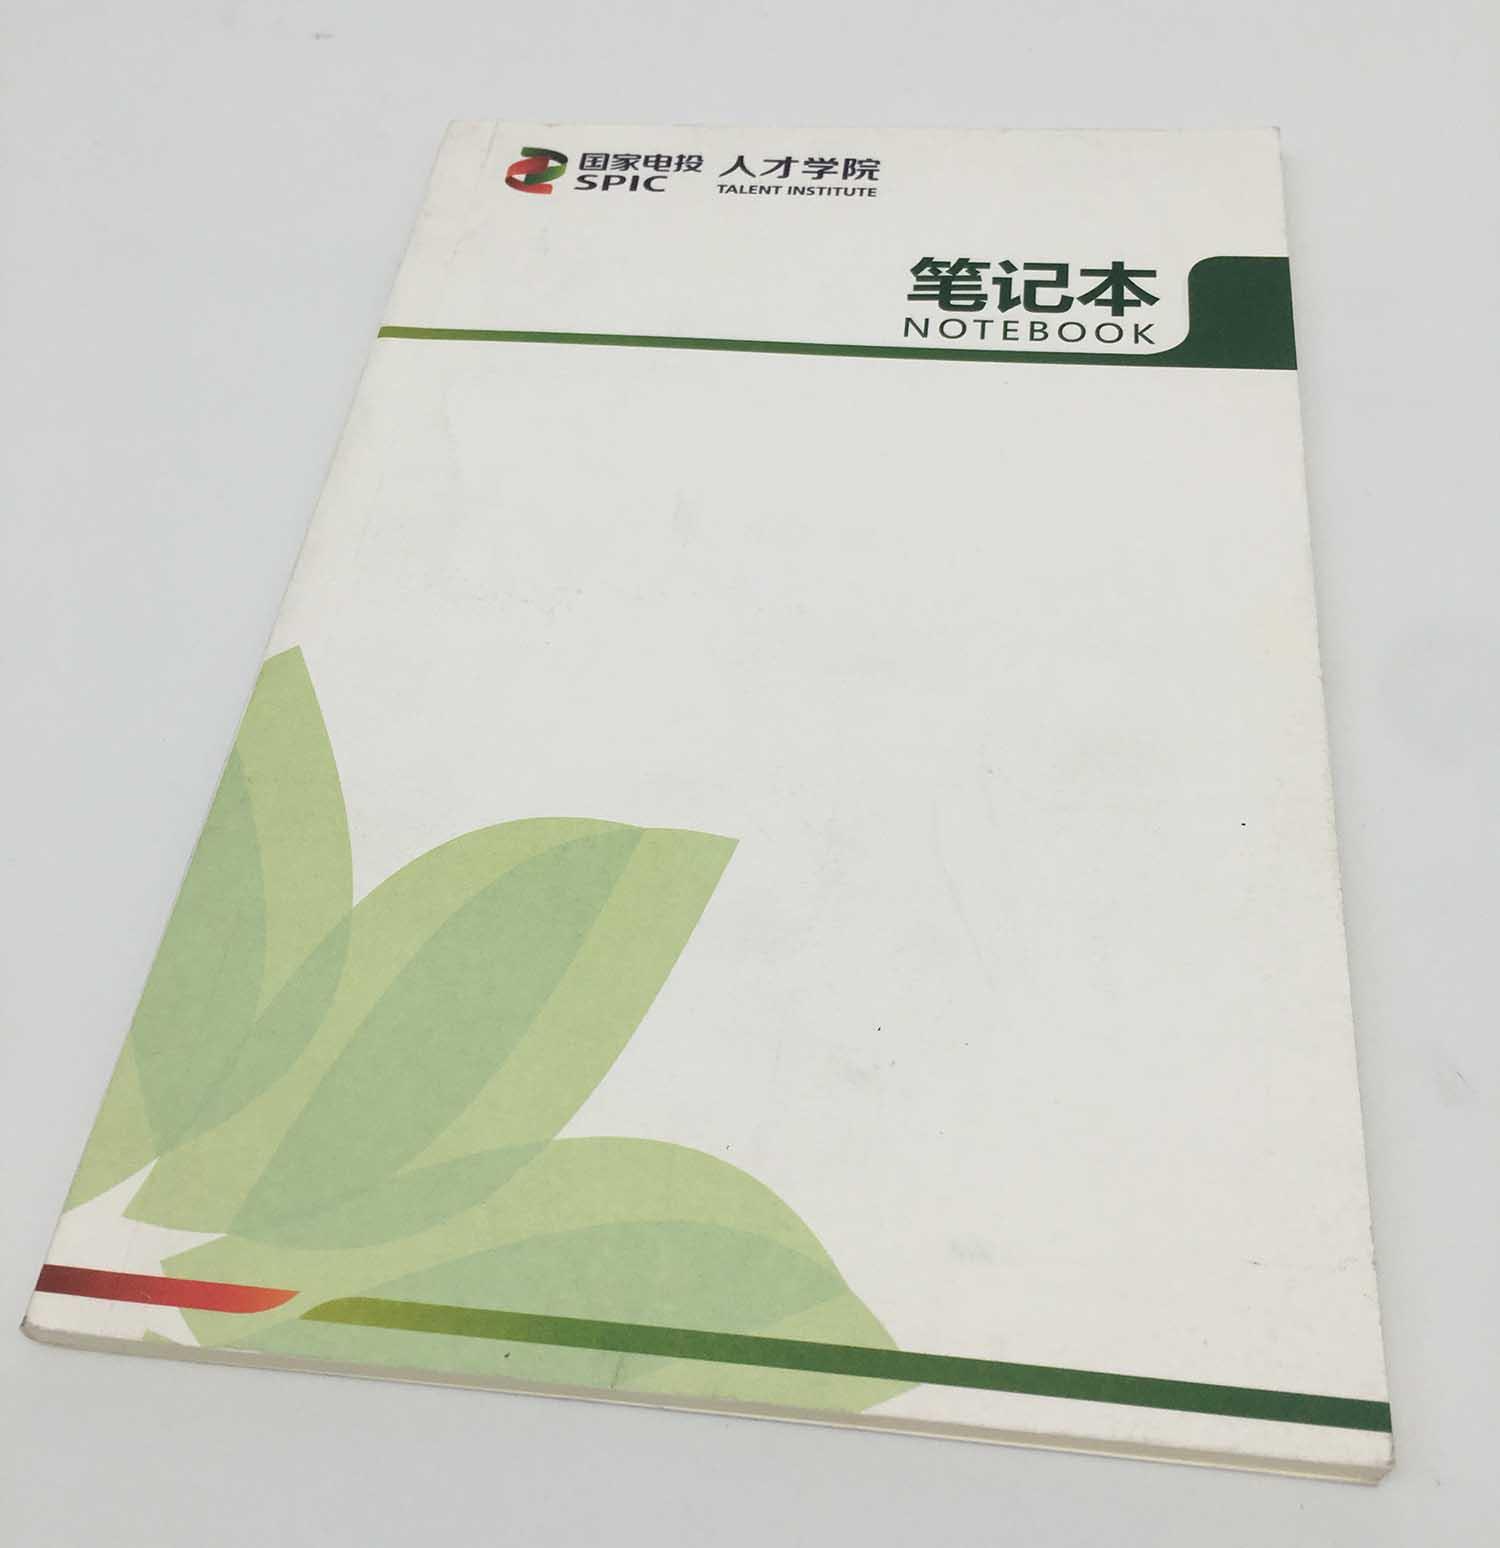 嵊泗彩色笔记本印刷